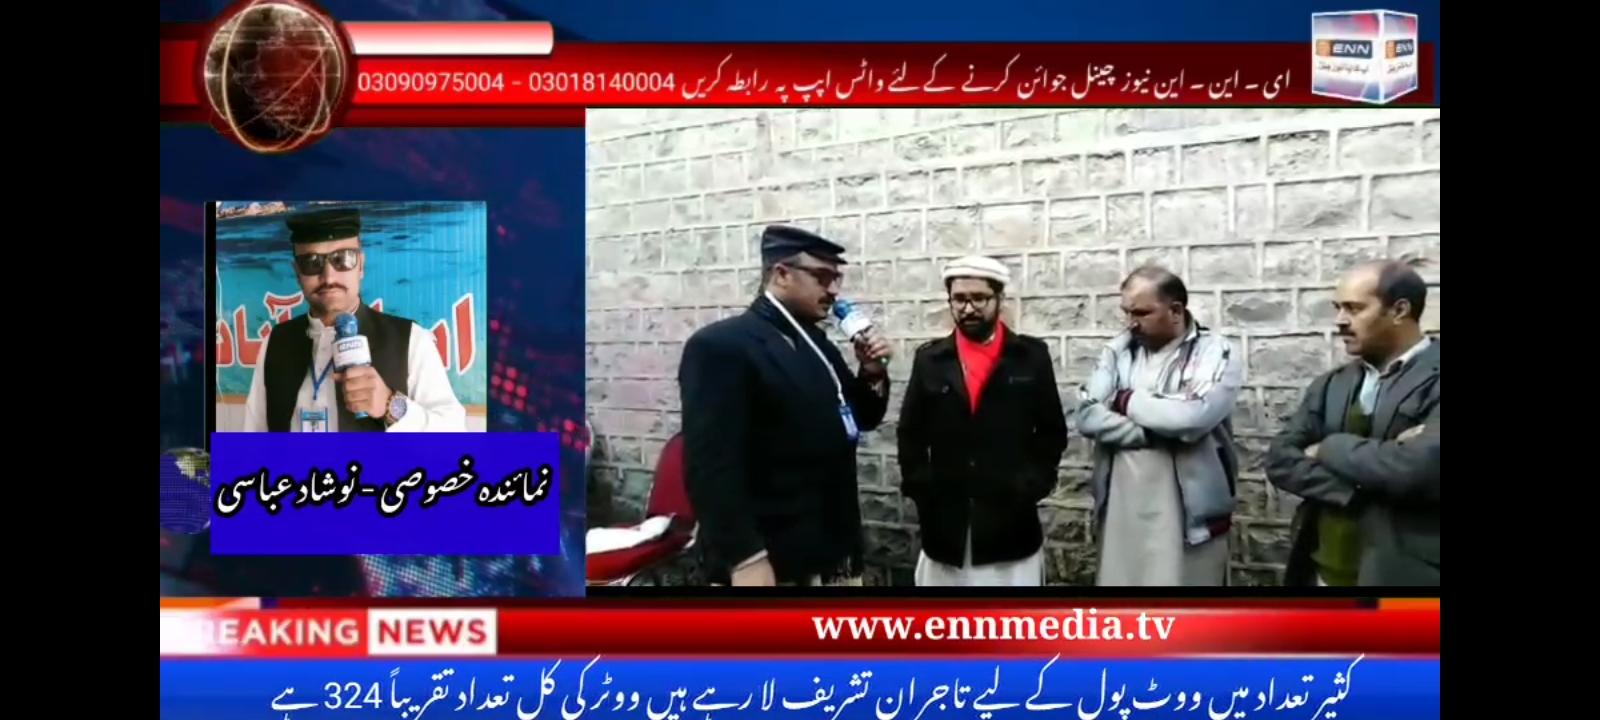 کشمیر کے شہر پانیولہ میں انجمن تاجران کا الیکشن ووٹنگ جاری